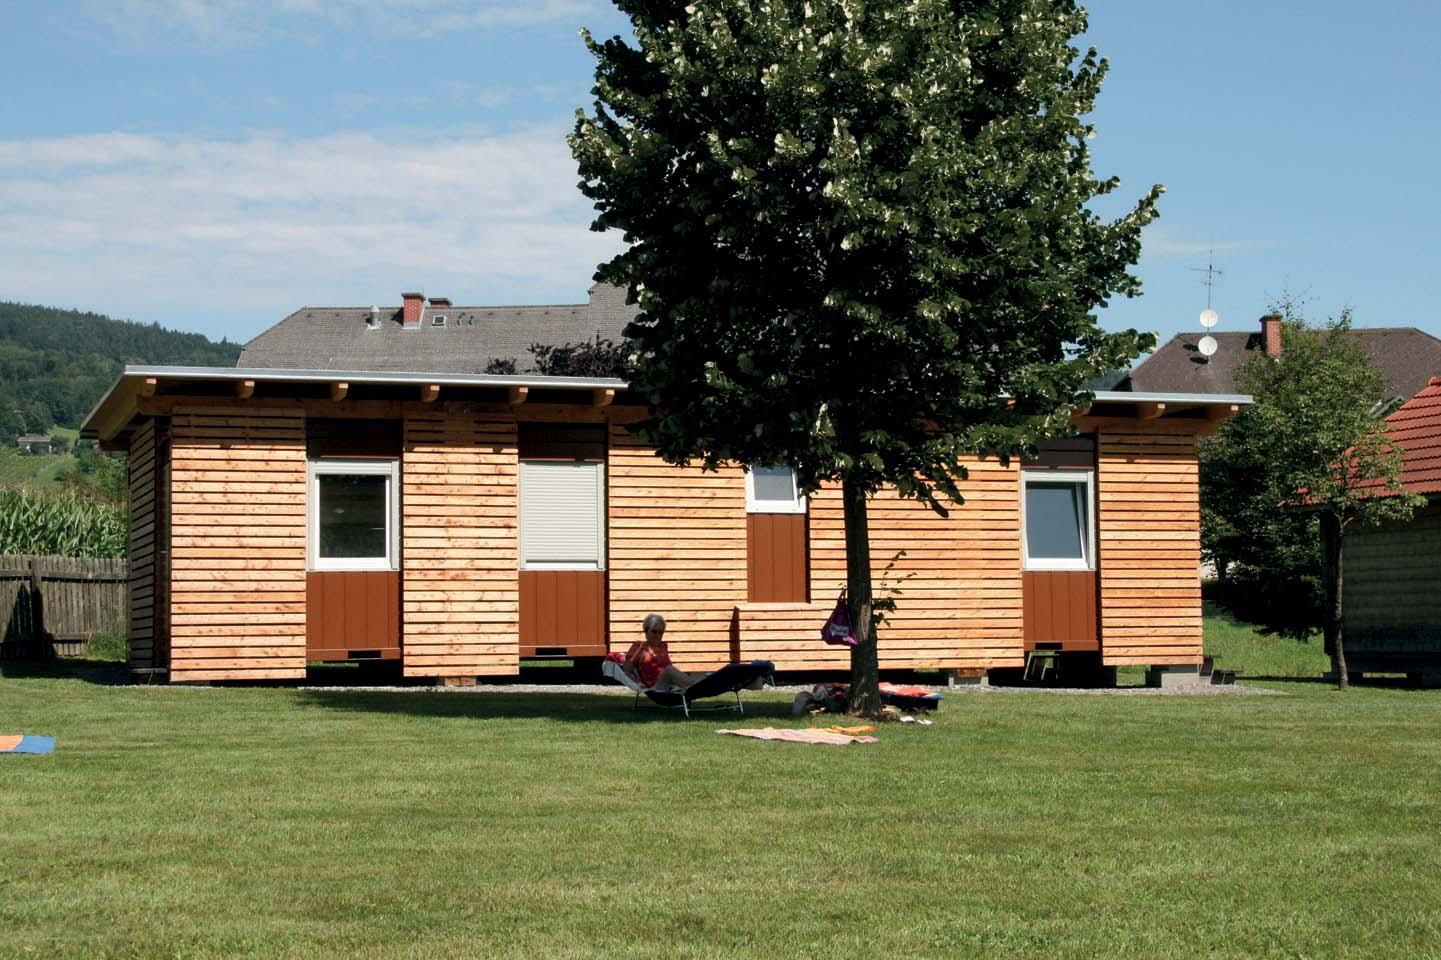 Containex anche per lo svago all'aria aperta: strutture con rivestimento in legno per un lago balneabile